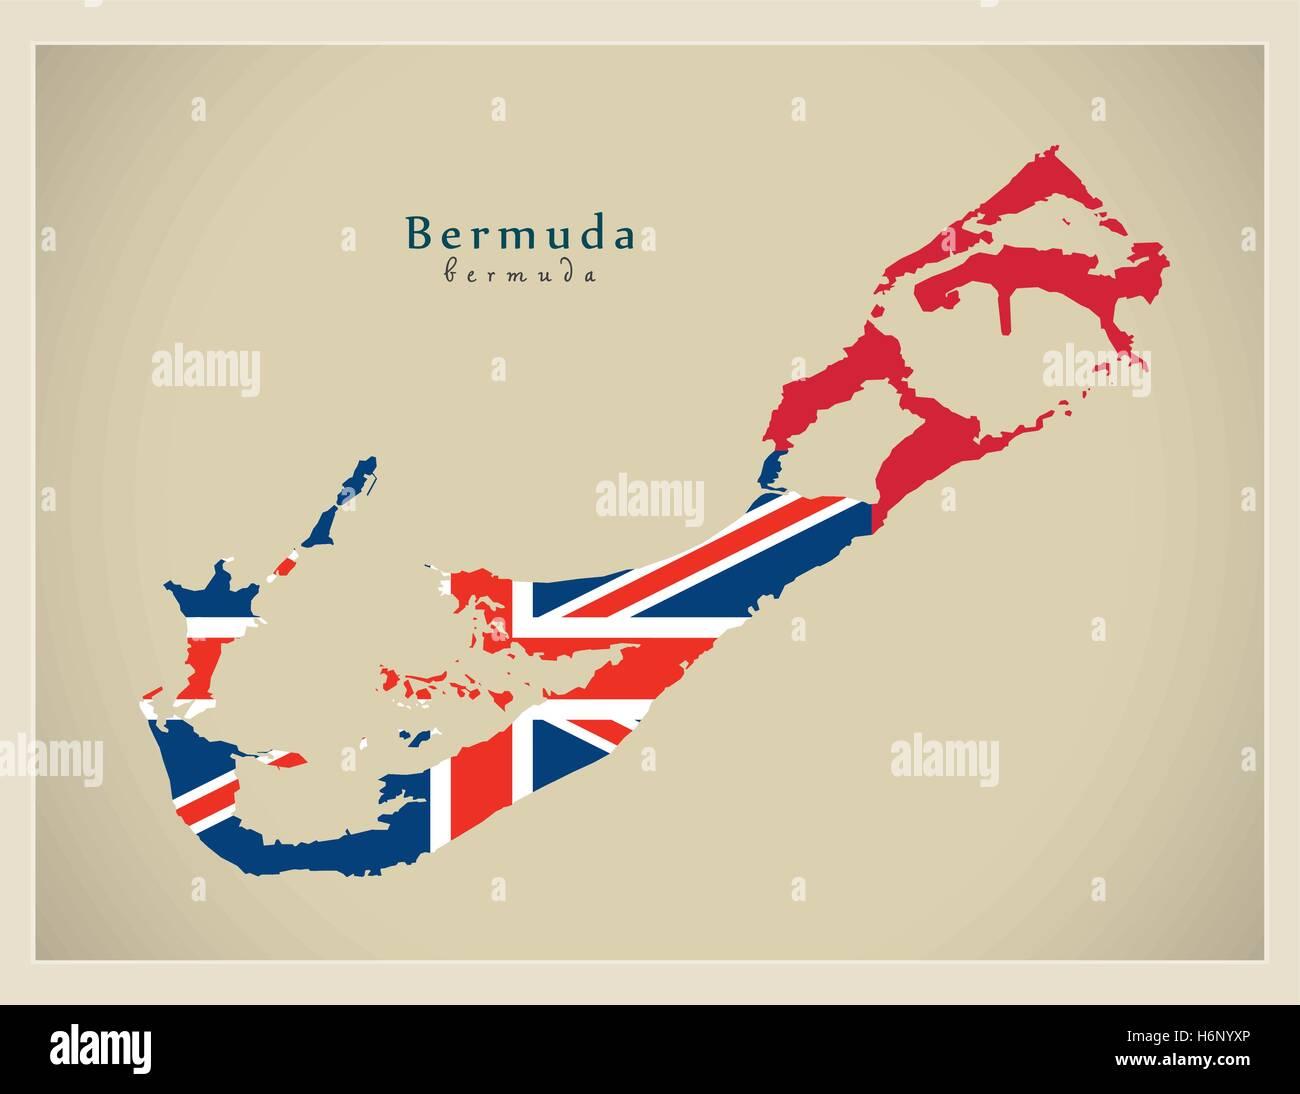 Map Bermuda Stock Photos & Map Bermuda Stock Images - Alamy